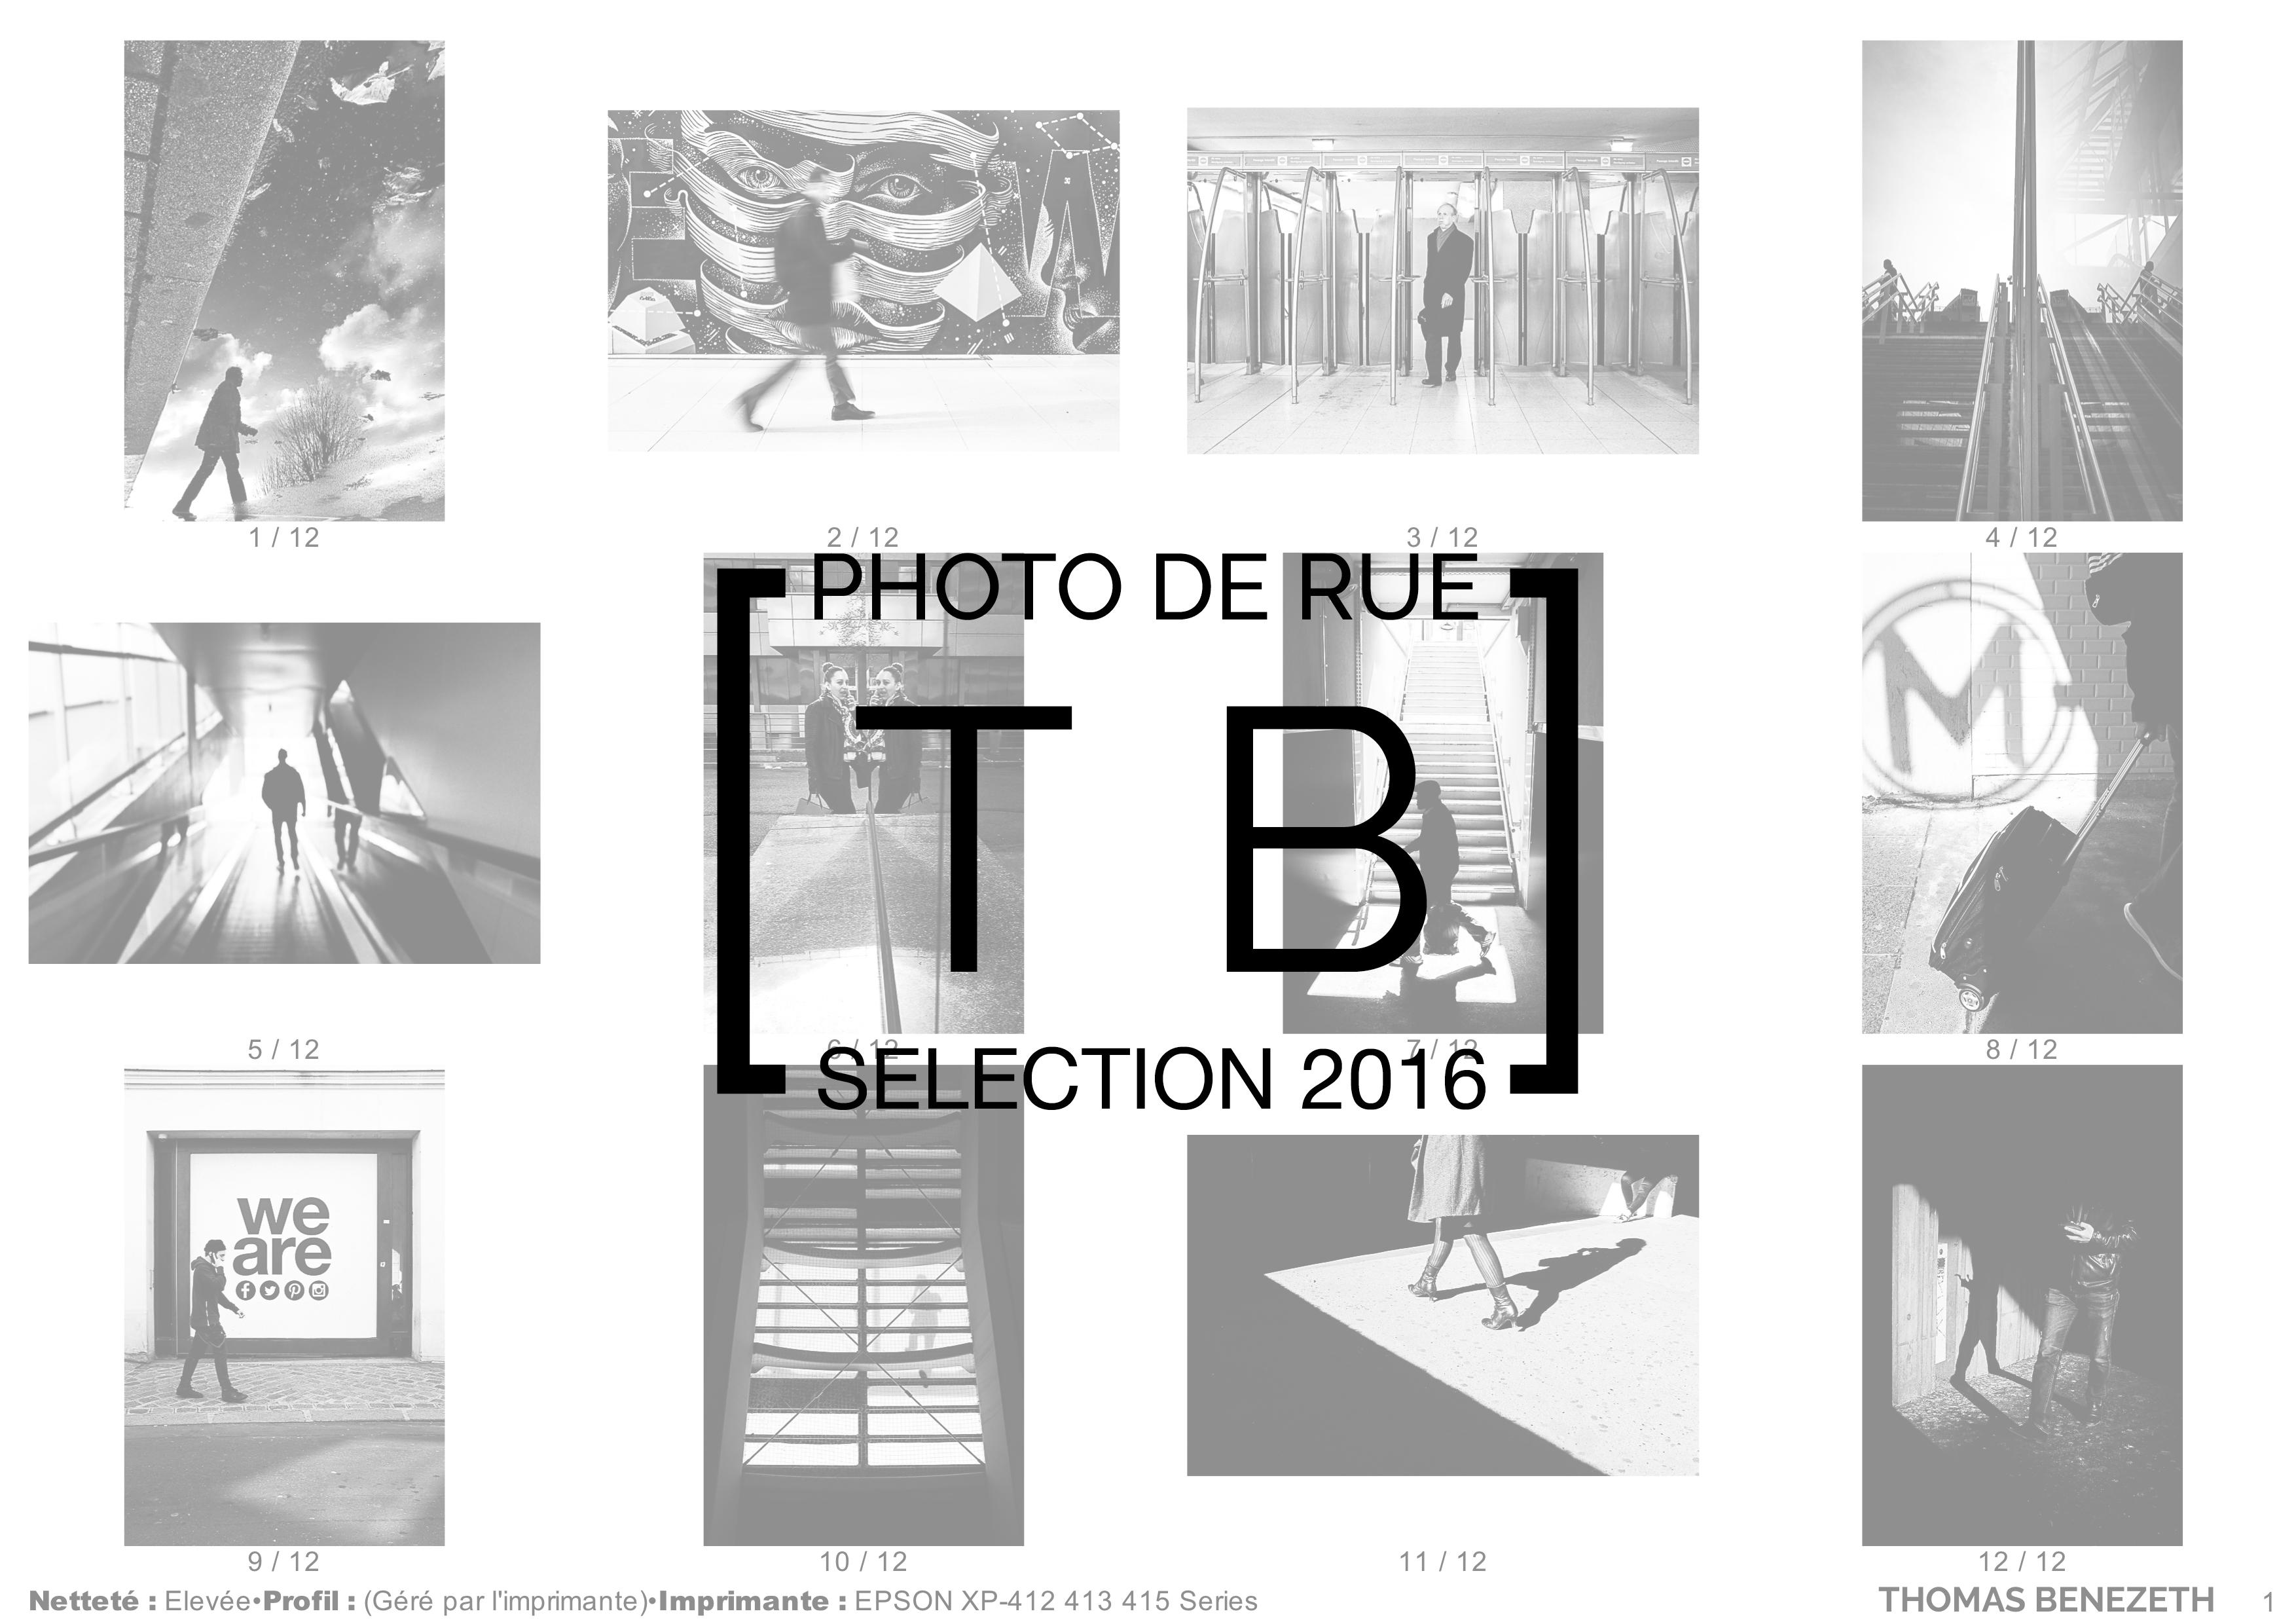 [Photo de rue] 2016 en 12 poses !